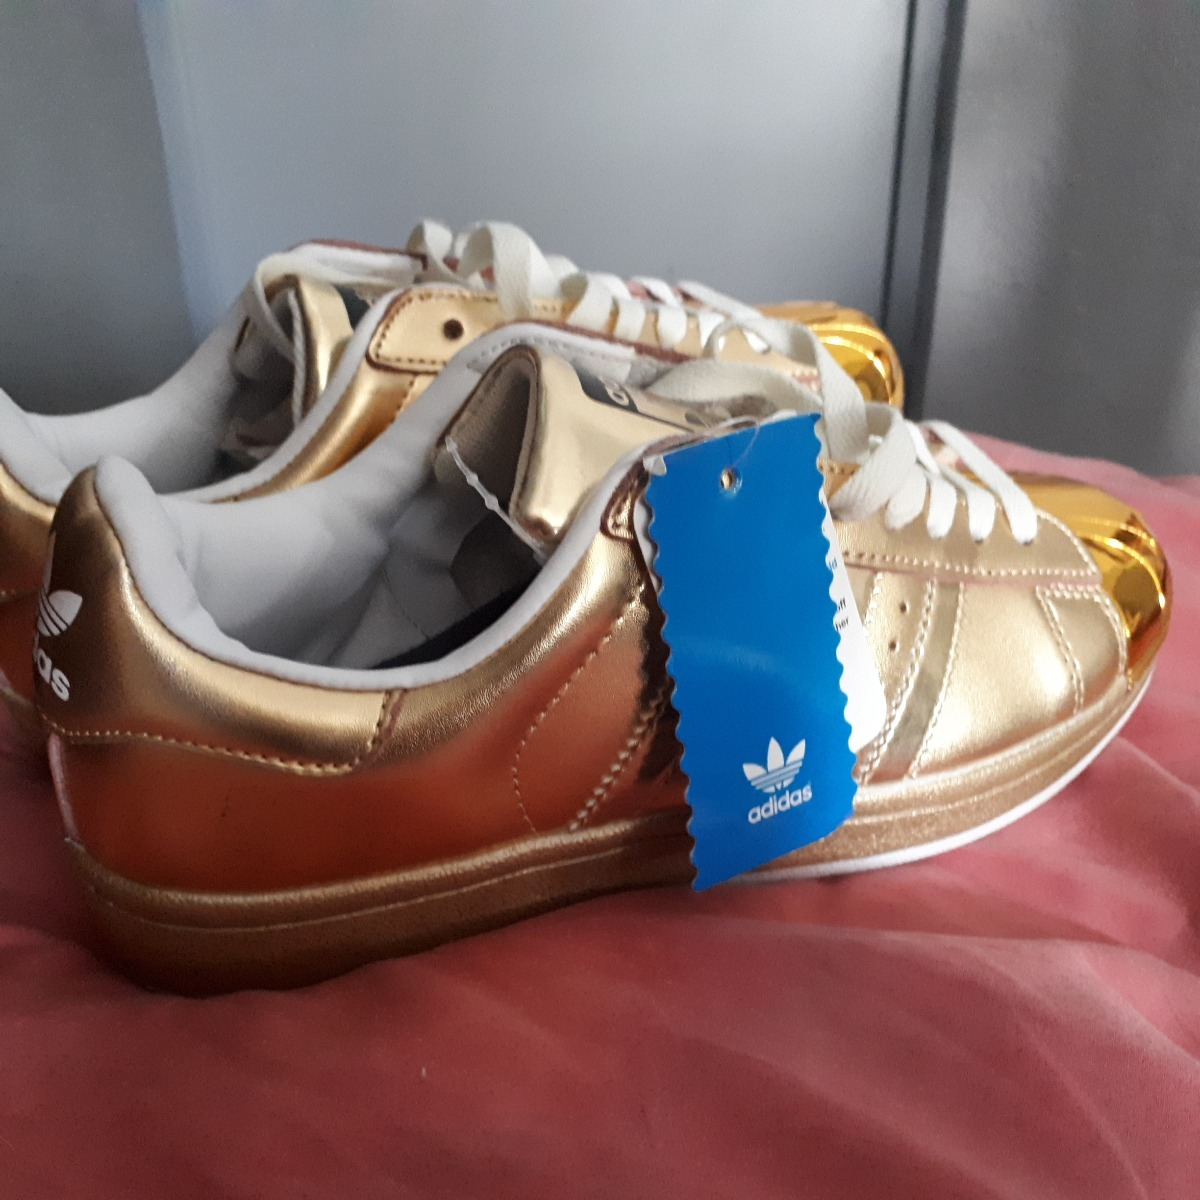 adidas Superstar 80s Metal Golden Point Tenis Hombre